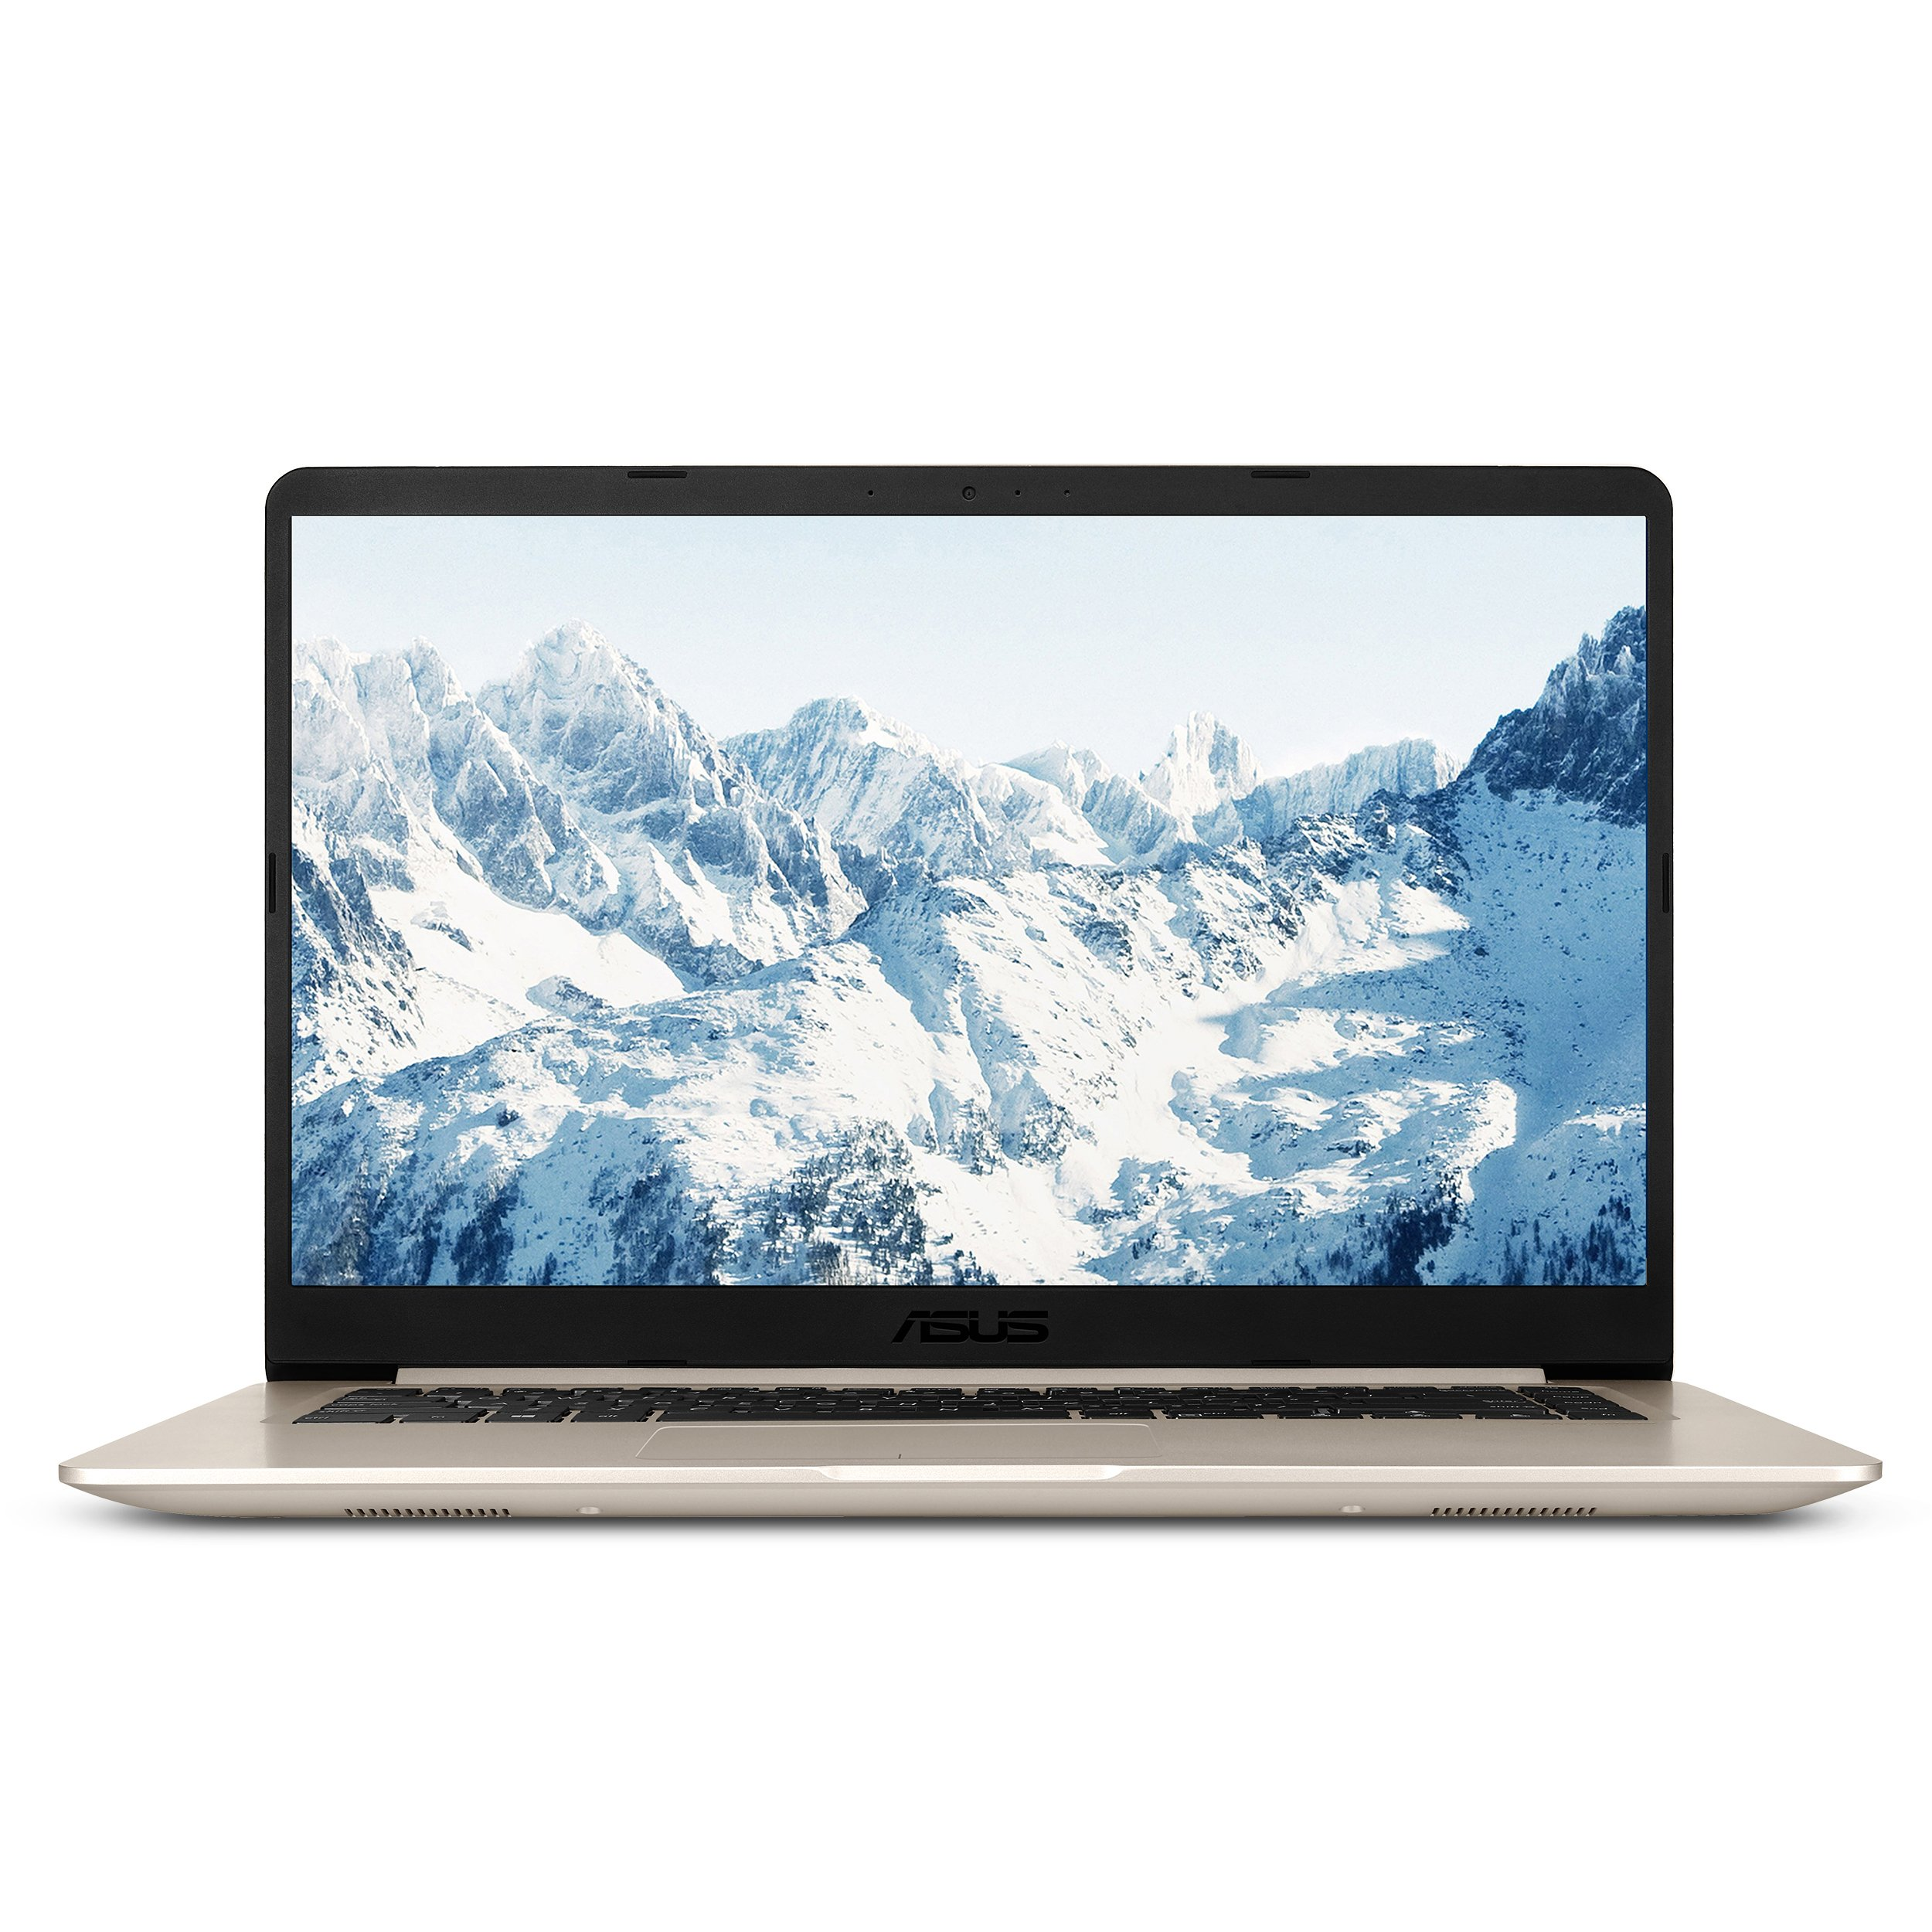 ASUS S510UN-EH76 VivoBook S 15.6'' Full HD Laptop, Intel Core i7-8550U, NVIDIA GeForce MX150, 8GB RAM, 256GB SSD + 1TB HDD, Windows 10